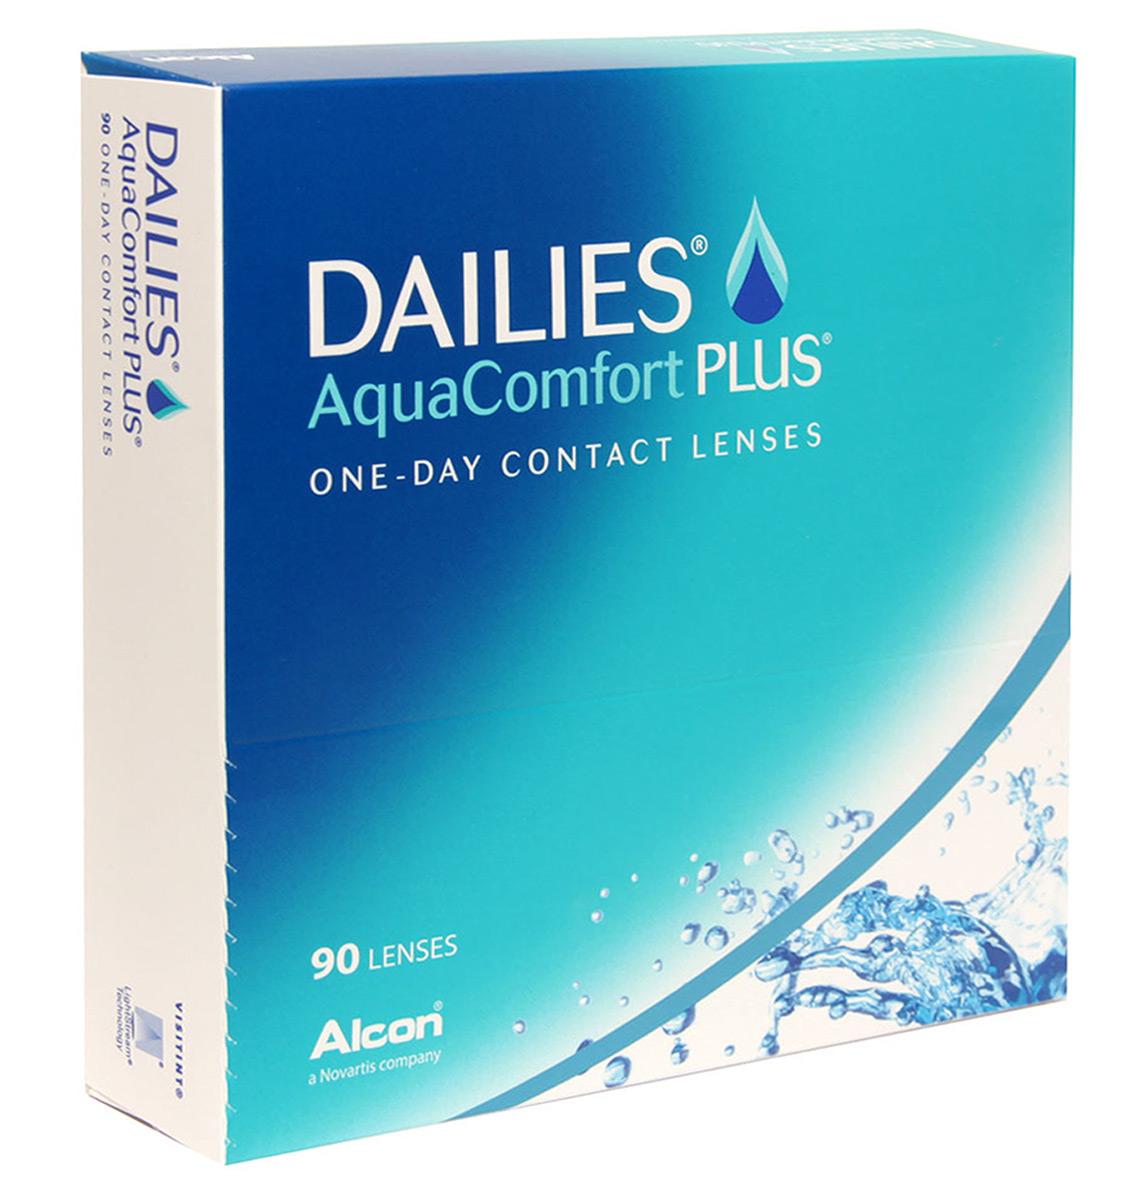 Alcon-CIBA Vision контактные линзы Dailies AquaComfort Plus (90шт / 8.7 / 14.0 / +4.75)38360Dailies Aqua Comfort Plus (90 блистеров) – это одни из самых популярных однодневных линз производства компании CIBA VISION. Эти линзы пользуются огромной популярностью во всем мире и являются на сегодняшний день самыми безопасными контактными линзами. Изготавливаются линзы из современного, 100% безопасного материала нелфилкон А. Особенность этого материала в том, что он легко пропускает воздух и хорошо сохраняет влагу. Однодневные контактные линзы Dailies Aqua Comfort Plus не нуждаются в дополнительном уходе и затратах, каждый день вы надеваете свежую пару линз. Дизайн линзы биосовместимый, что гарантирует безупречный комфорт. Самое главное достоинство Dailies Aqua Comfort Plus – это их уникальная система увлажнения. Благодаря этой разработке линзы увлажняются тремя различными агентами. Первый компонент, ухаживающий за линзами, находится в растворе, он как бы обволакивает линзу, обеспечивая чрезвычайно комфортное надевание. Второй агент выделяется на протяжении всего дня, он...